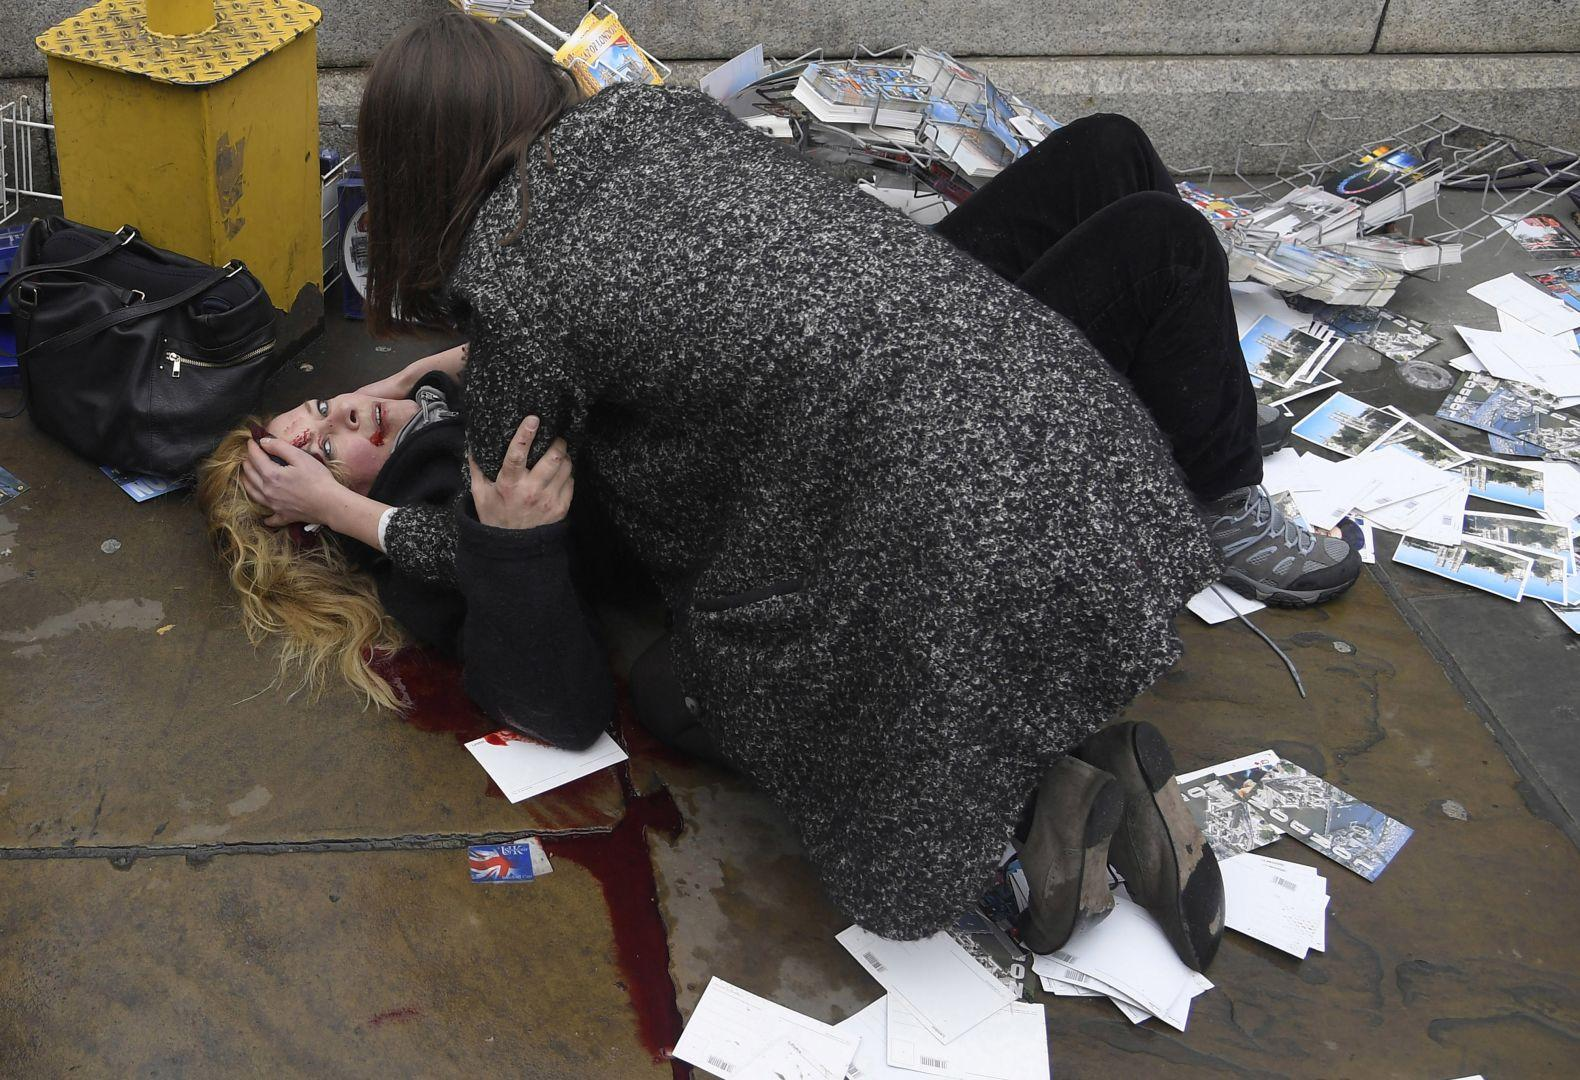 Последствия нападения в центре Лондона, © Тоби Мелвилл, Великобритания, 2-й приз : серия, Фотоконкурс World Press Photo